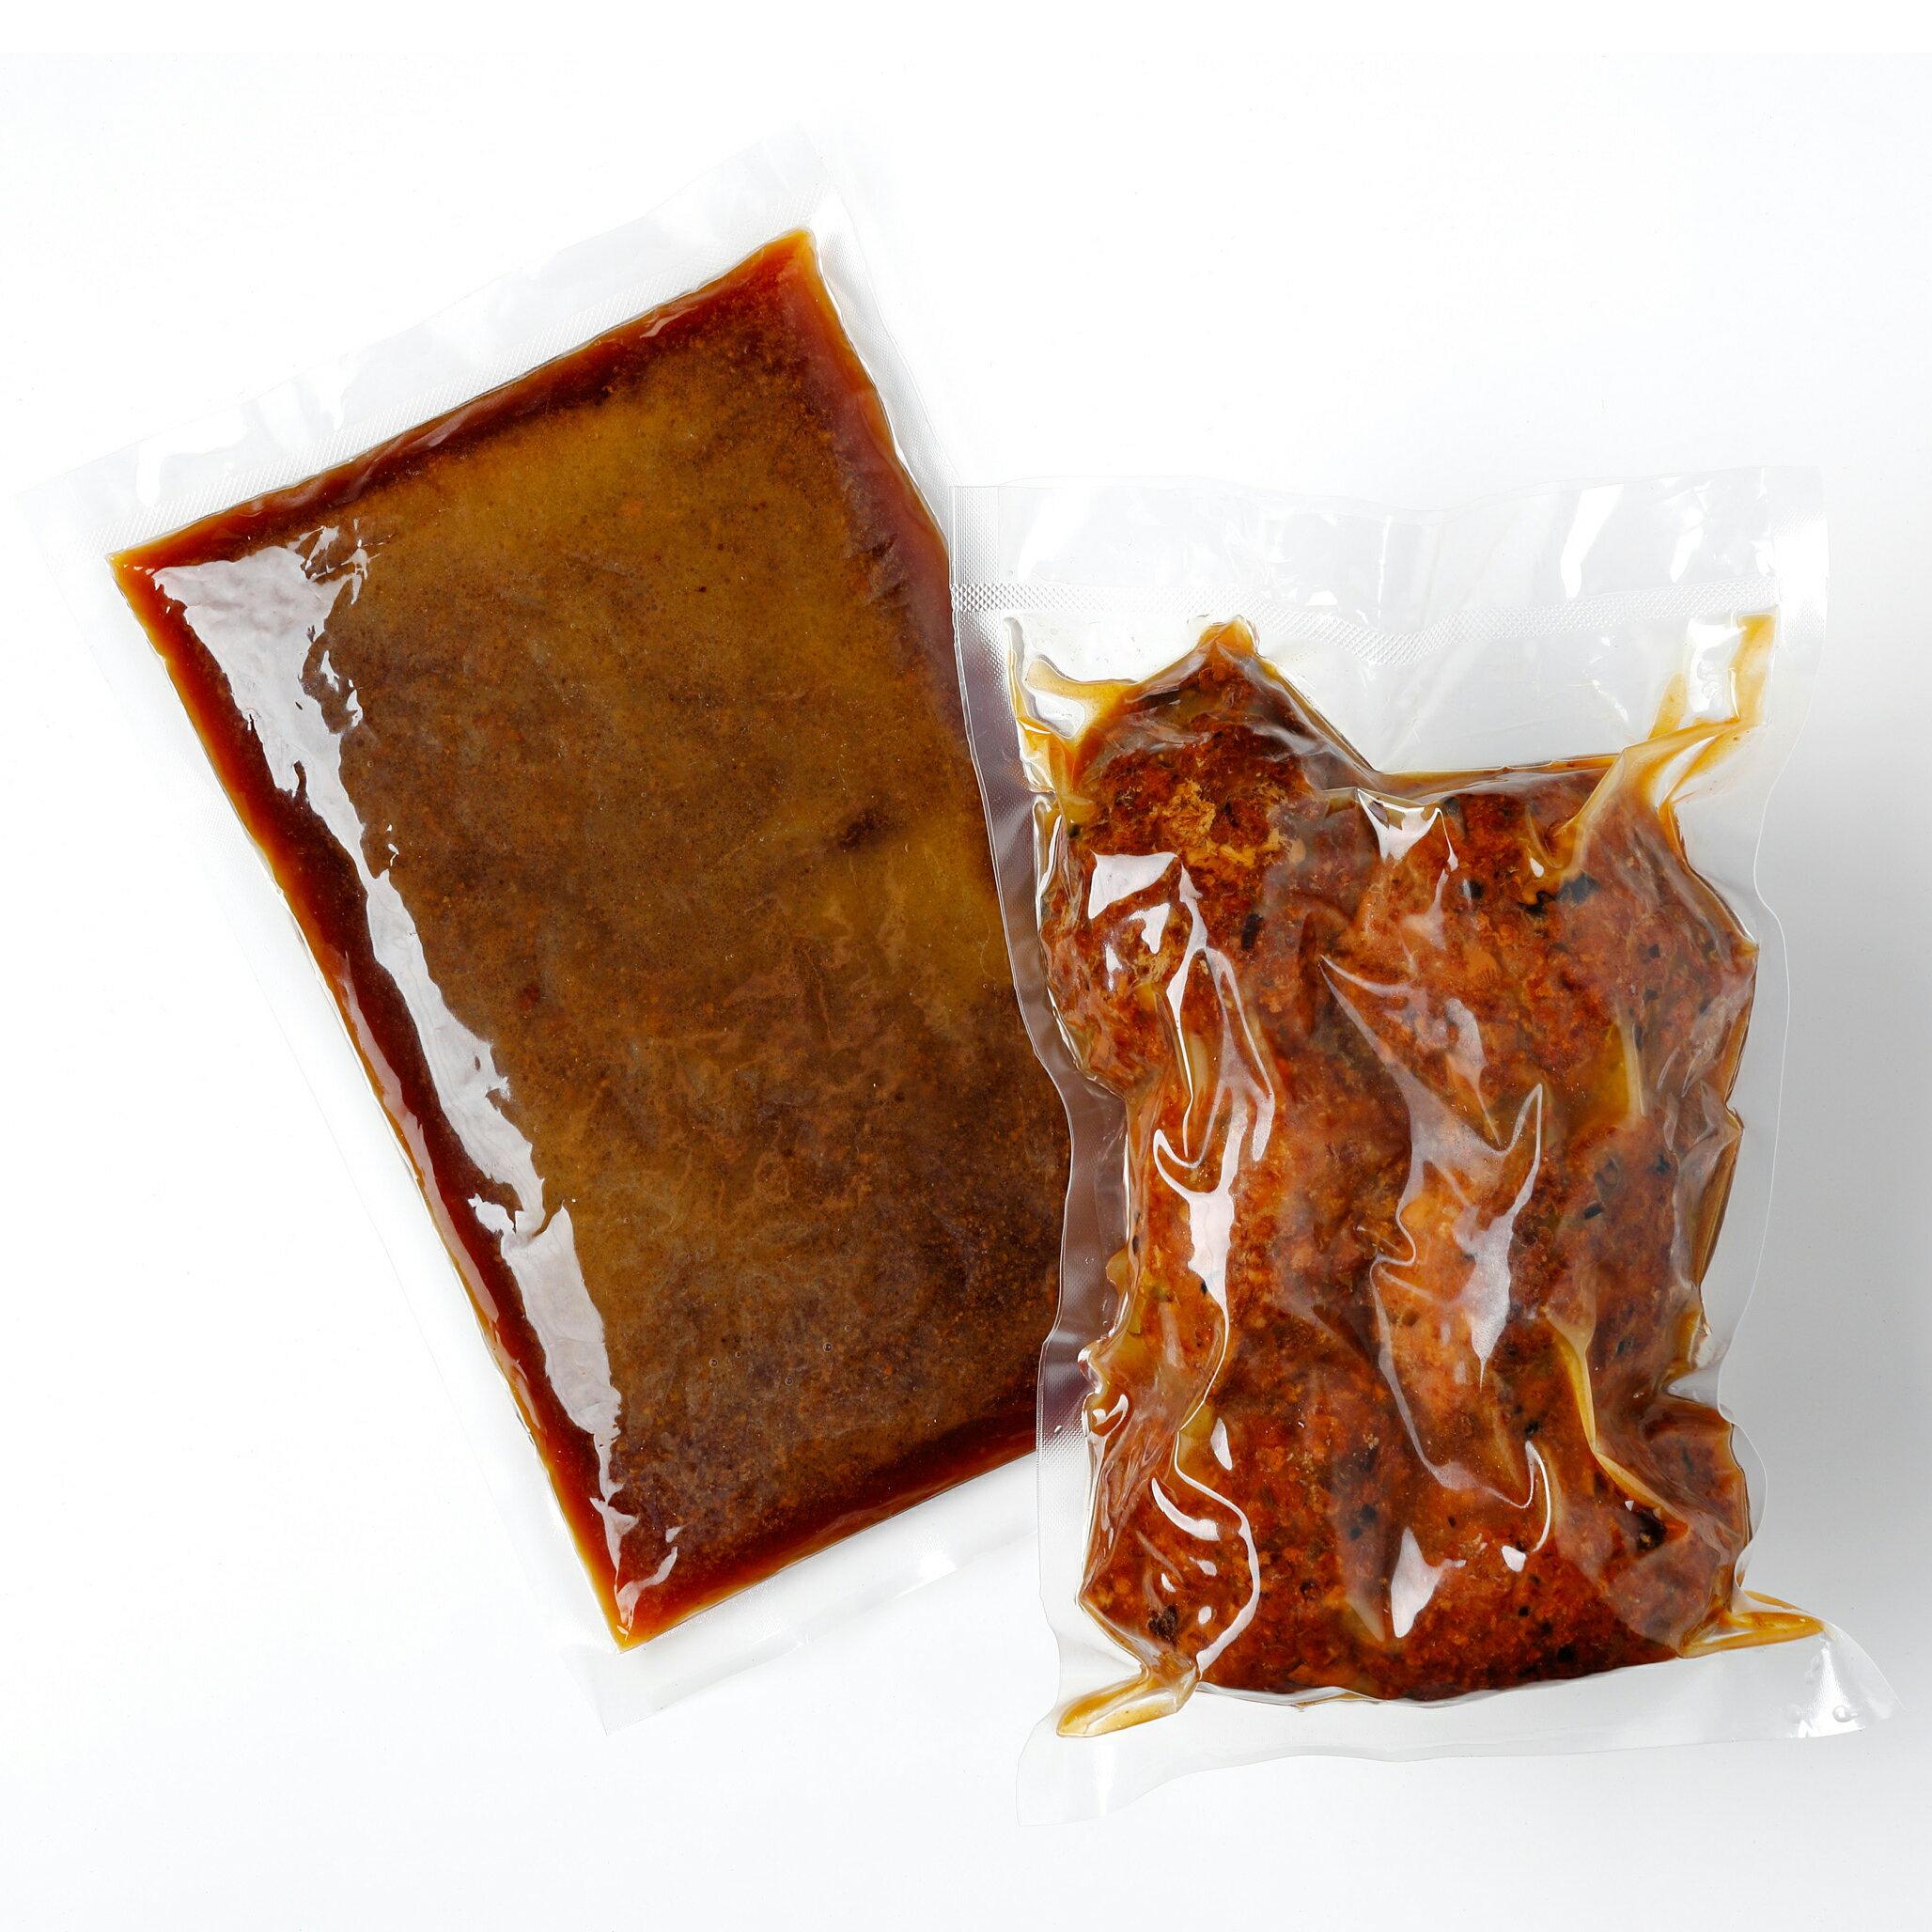 年菜*香菇獅子頭(6顆 ,約600g附燉煮湯汁500g) 2